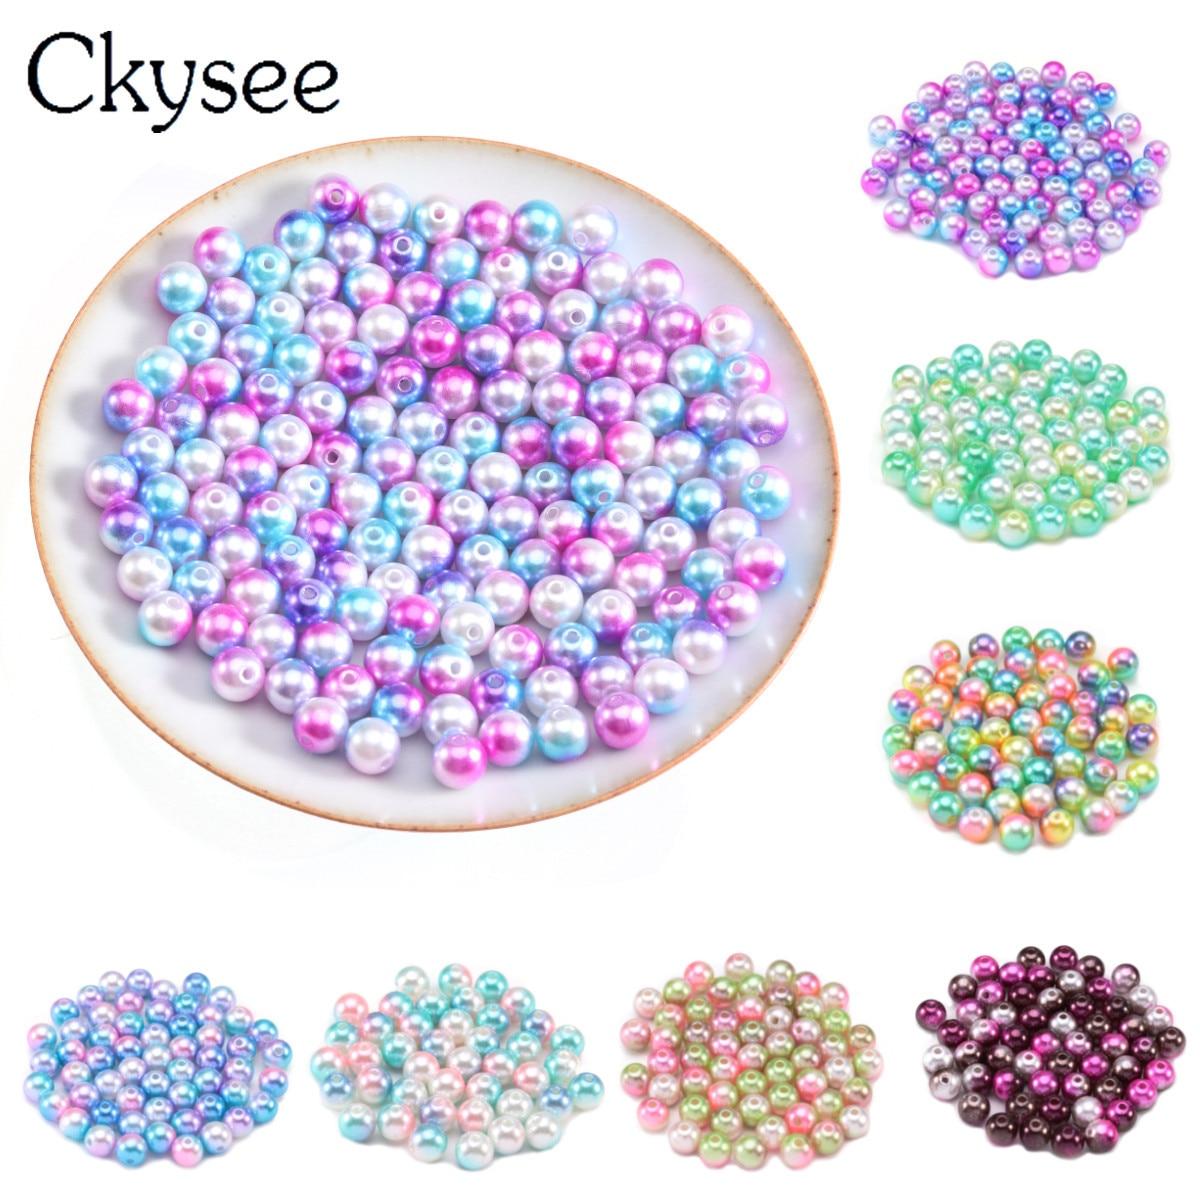 Ckysee В переменного тока, 50-400 шт./лот имитация жемчуга Beads3 4681012 мм подходят ожерелье Русалка градиент жемчуг бусины для бижутерии, материал для...